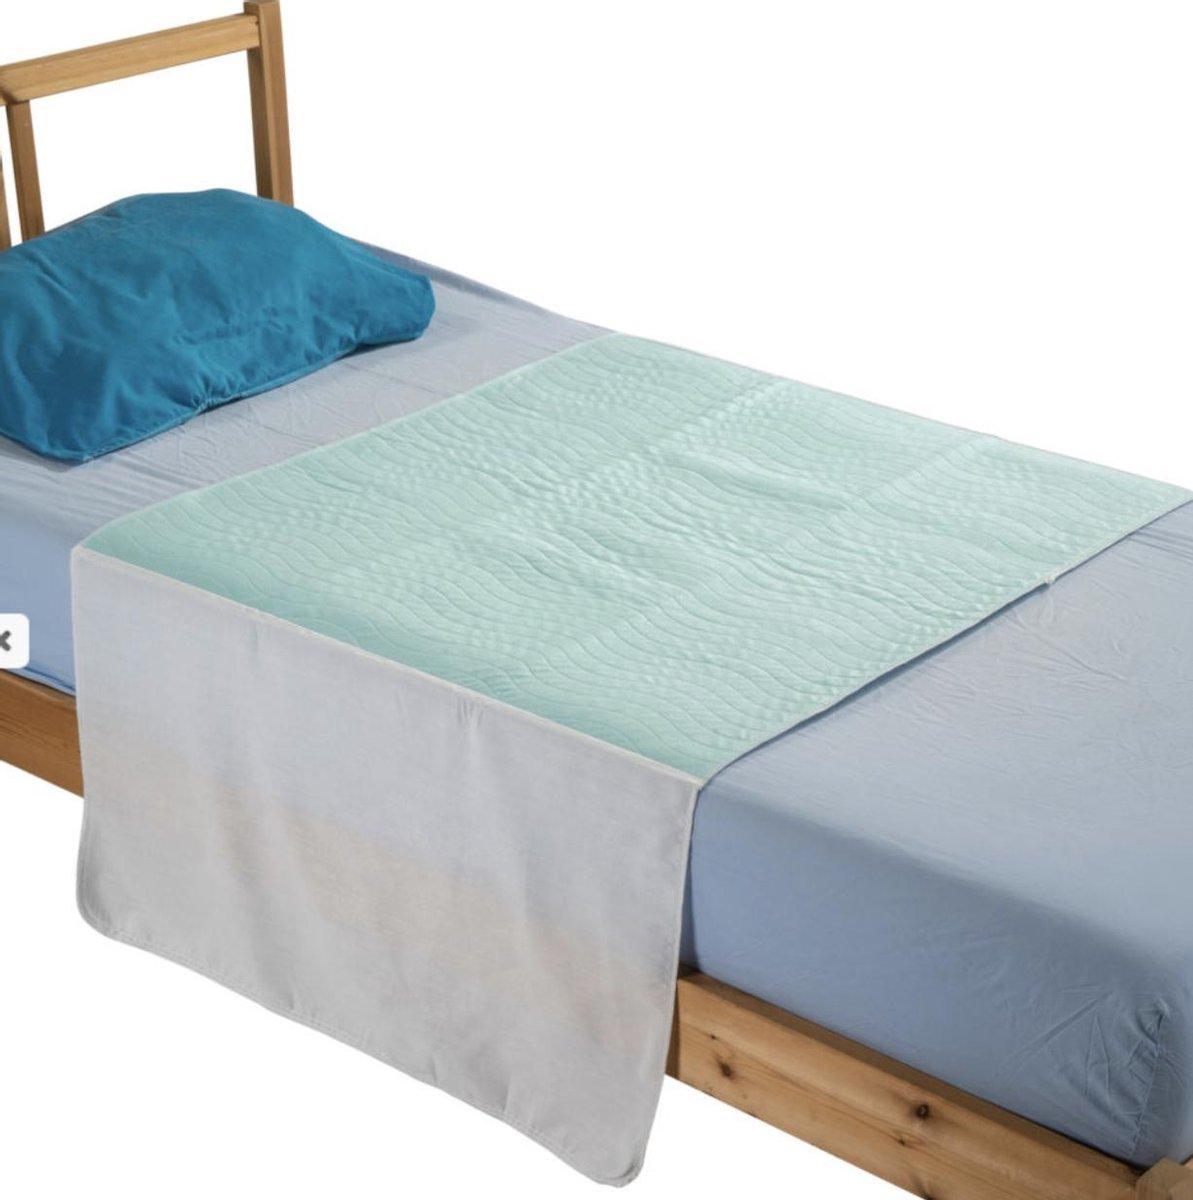 Wasbare matrasbeschermer met instopstroken 85x90cm bedbeschermer - incontinentie onderlegger